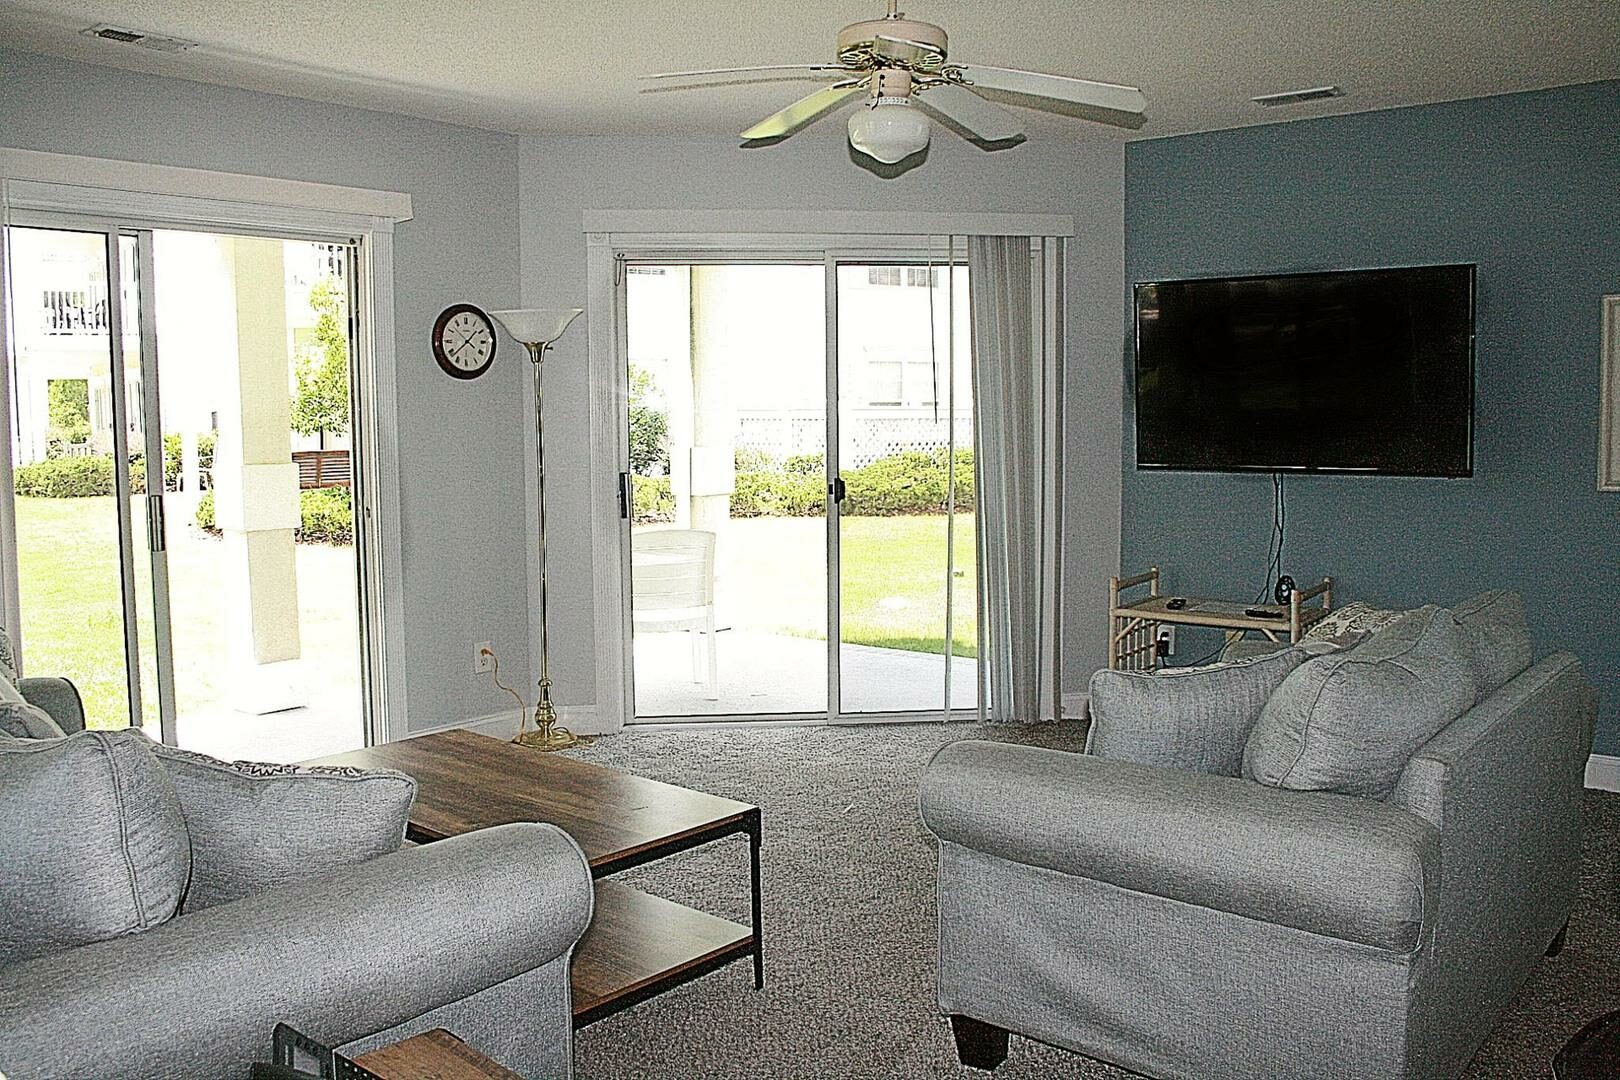 1203 2 Bedroom/2 Bath Villa